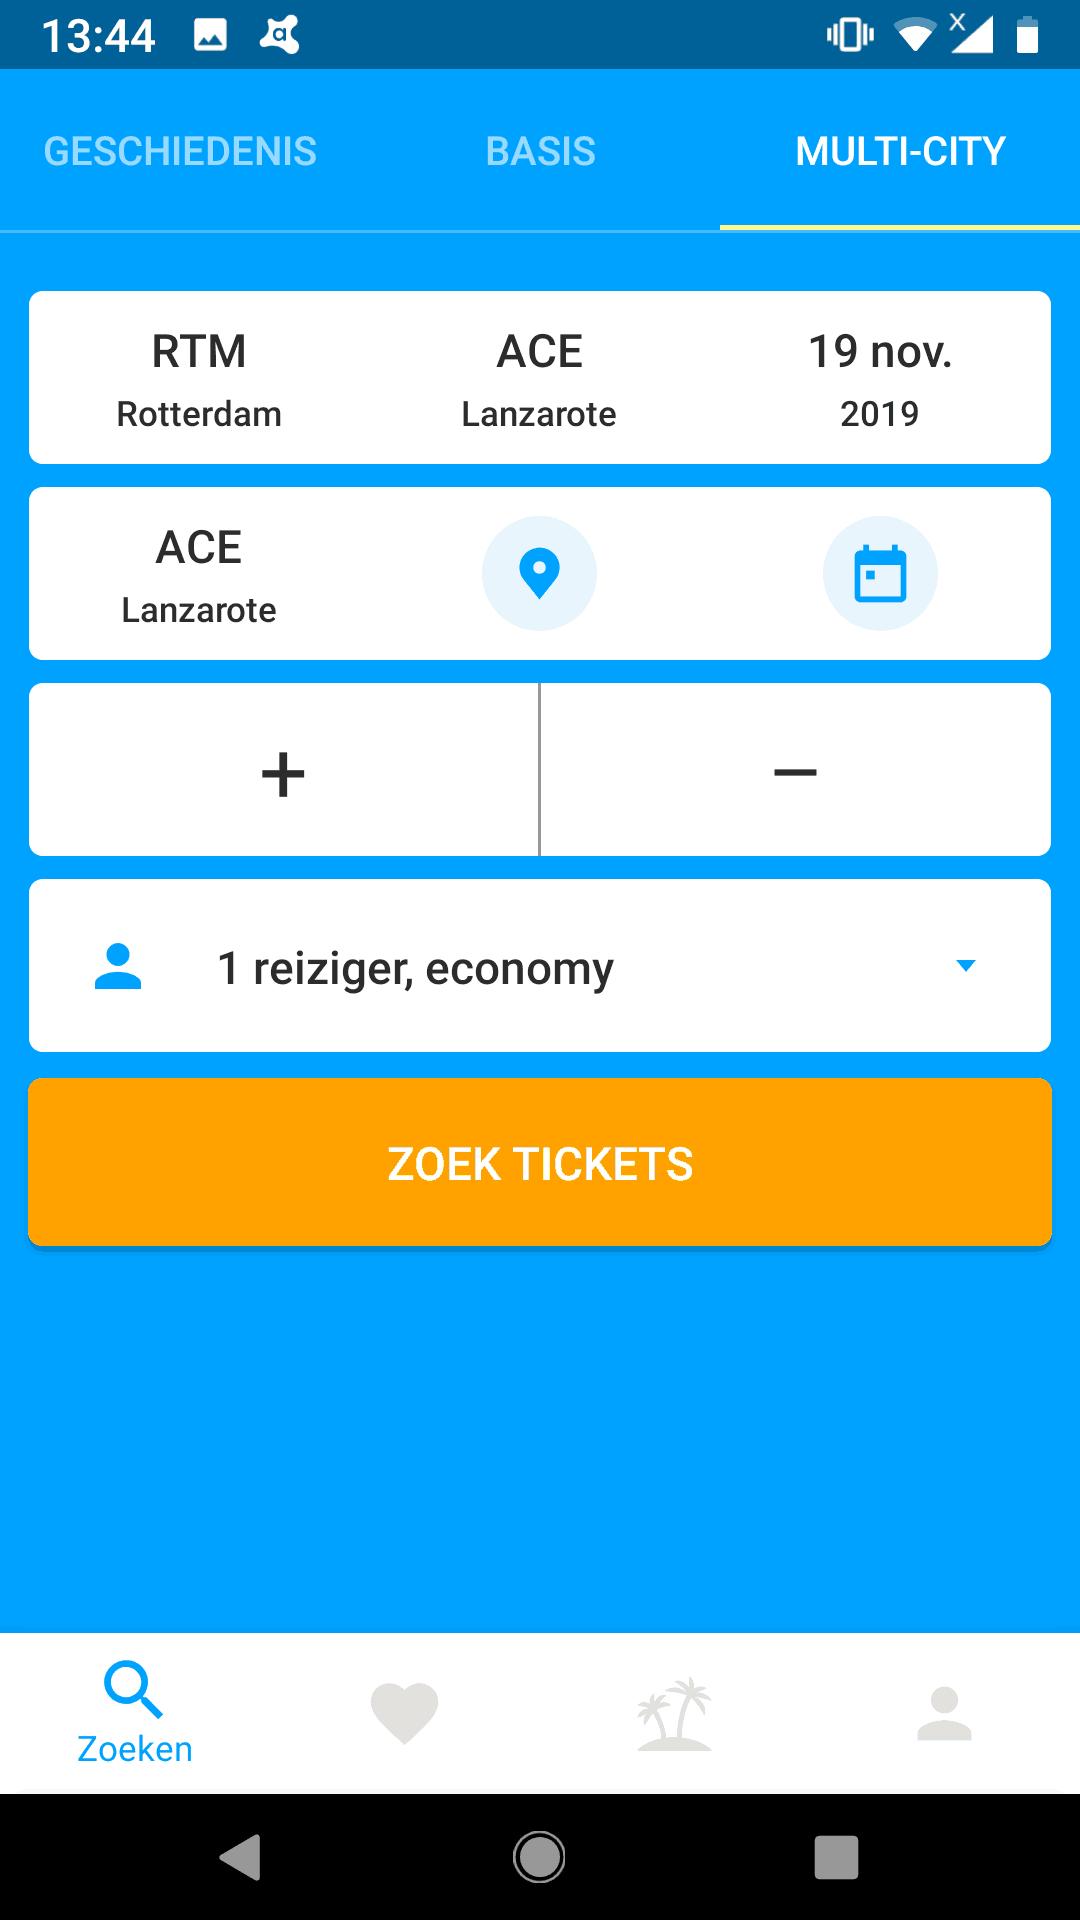 goedkope vliegtickets zoeken met ios android app